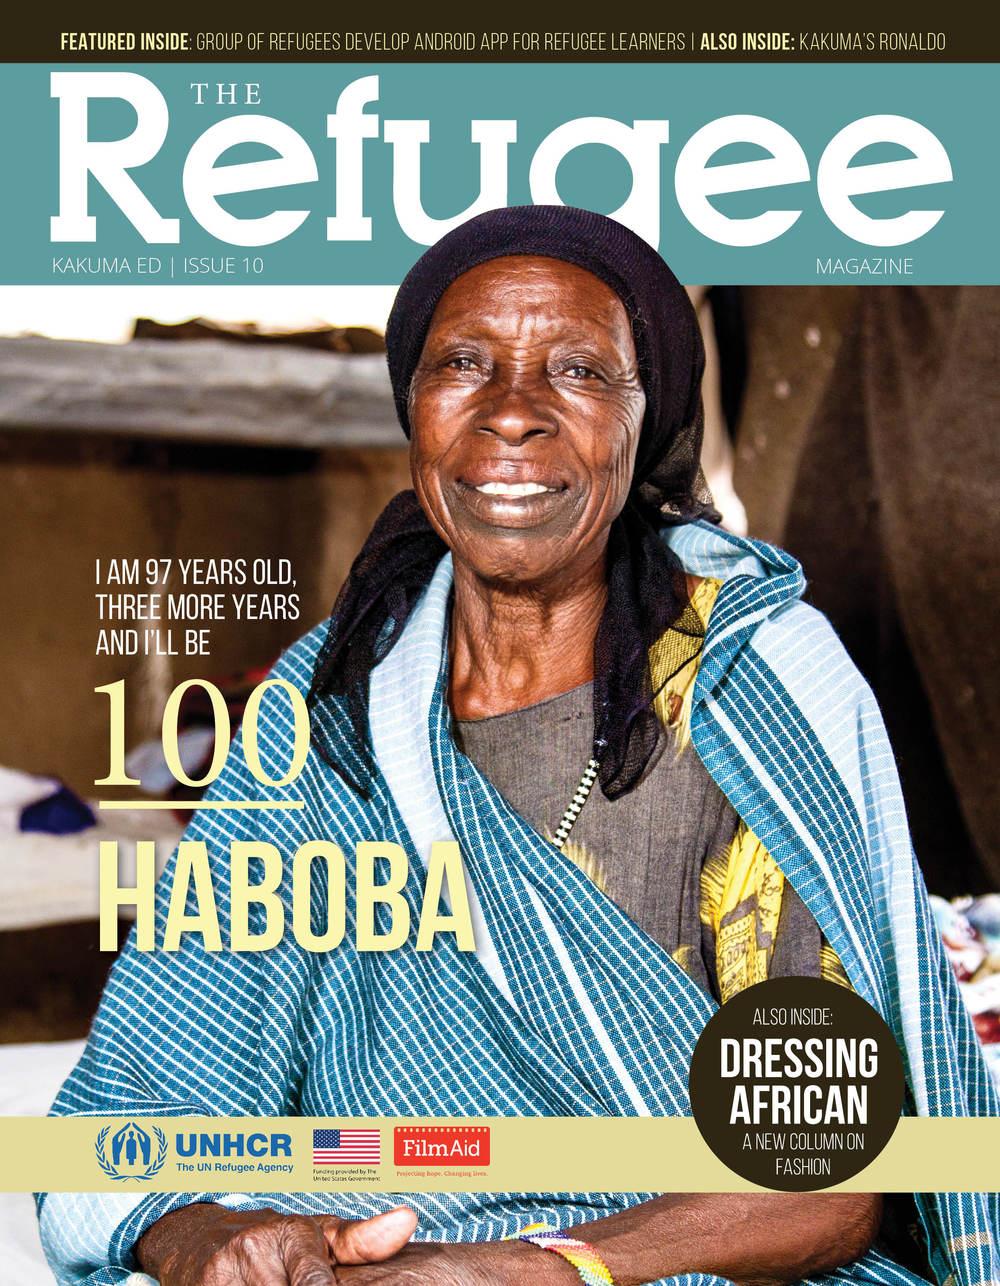 Kakuma Edition 10